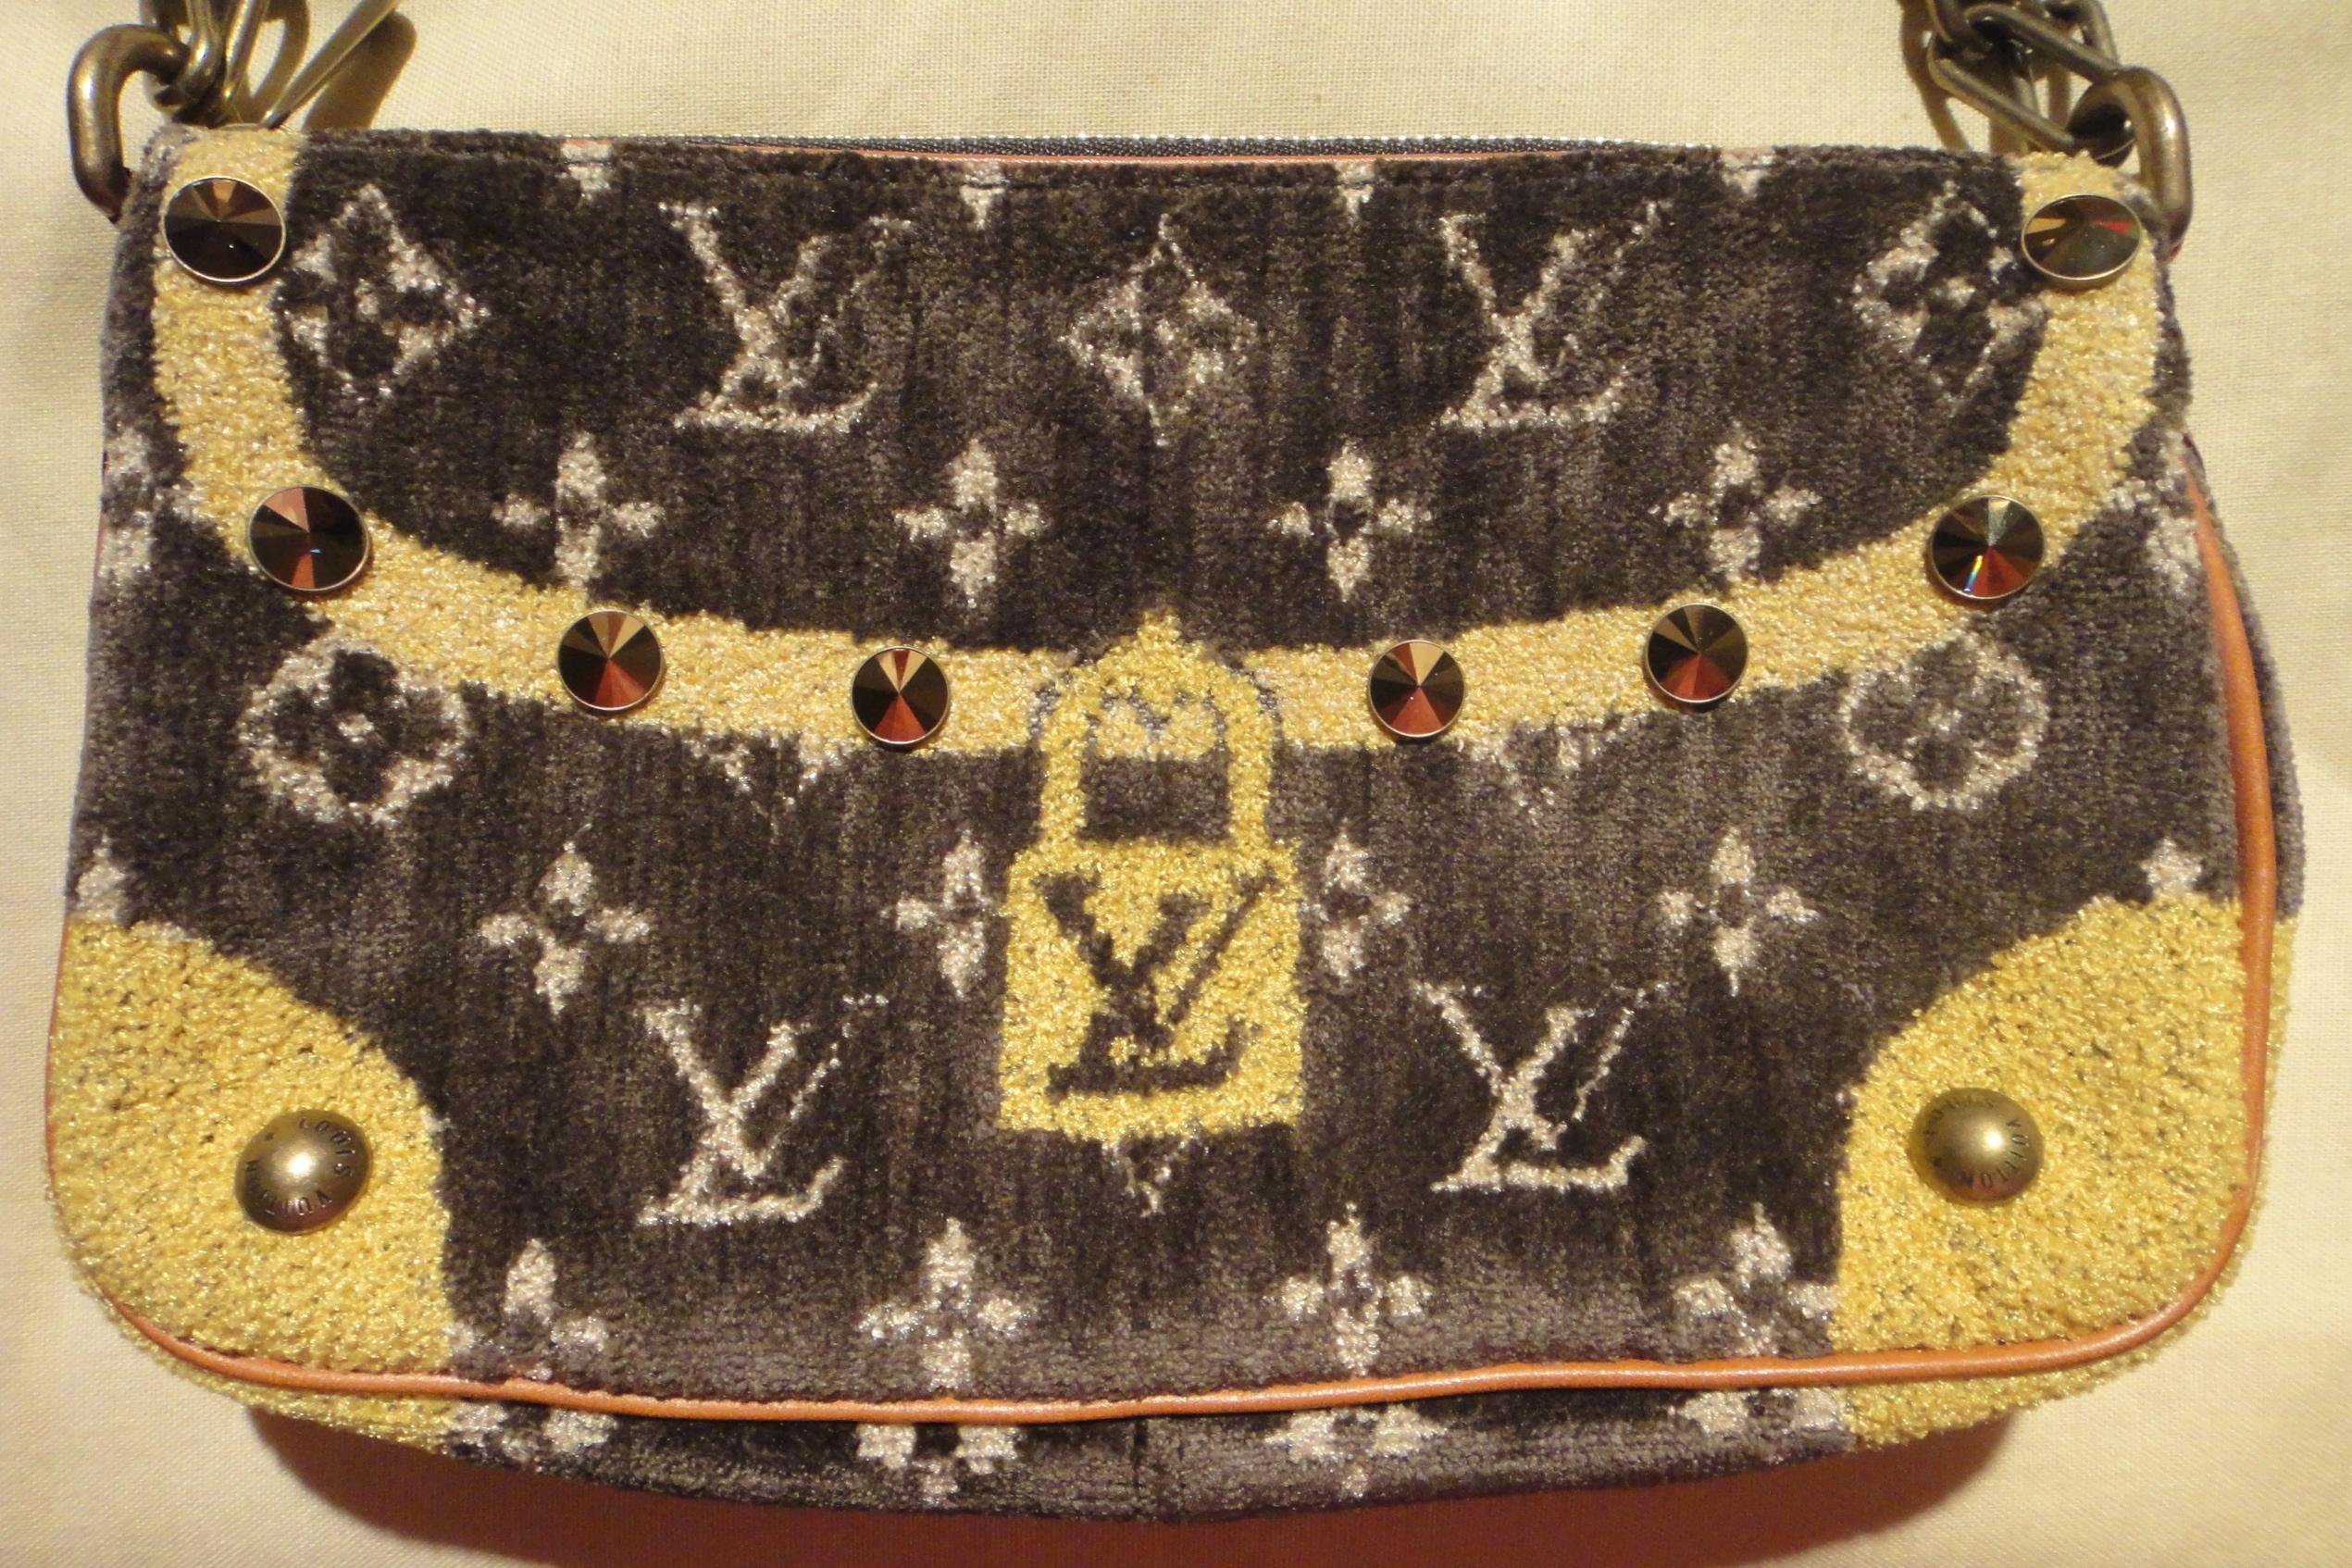 Louis Vuitton Trompe l'oeil Pochette Accessoires